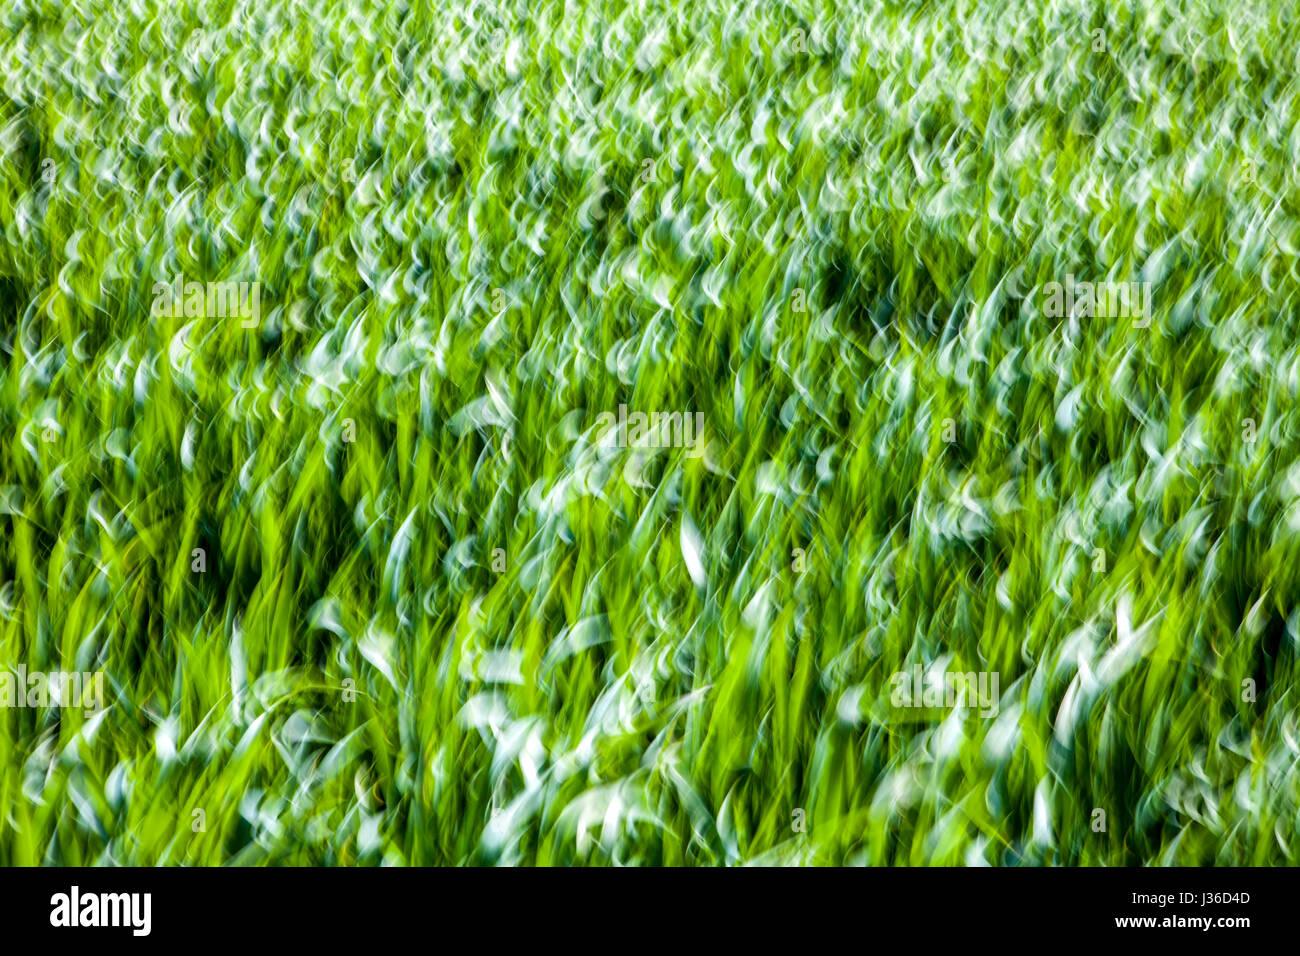 Abstrakte Linien und Strukturen im grünen Rasen, Closeup, wischen Sie mit einem verschwommenen Effekt Stockbild